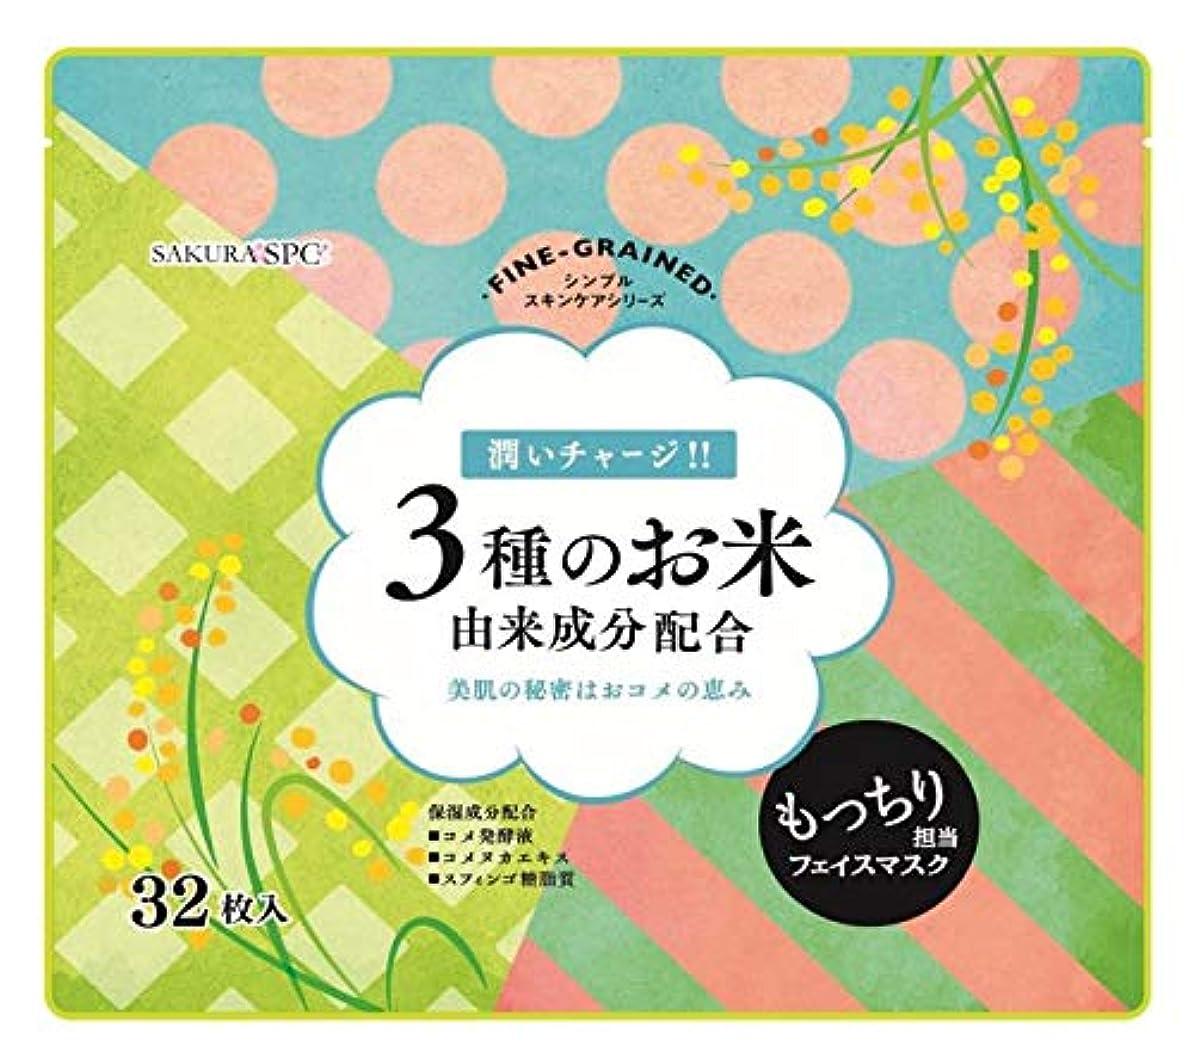 真剣に意志に反するビリーヤギ3種のお米 由来成分配合 フェイス マスク 32枚入り (FINE GRAINED) シンプルスキンケアシリーズ